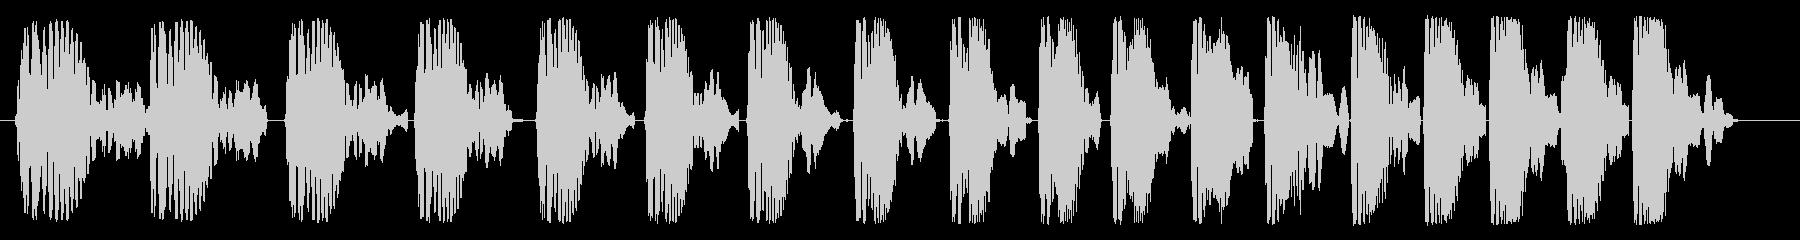 ポワポワポワ(コミカル)の未再生の波形